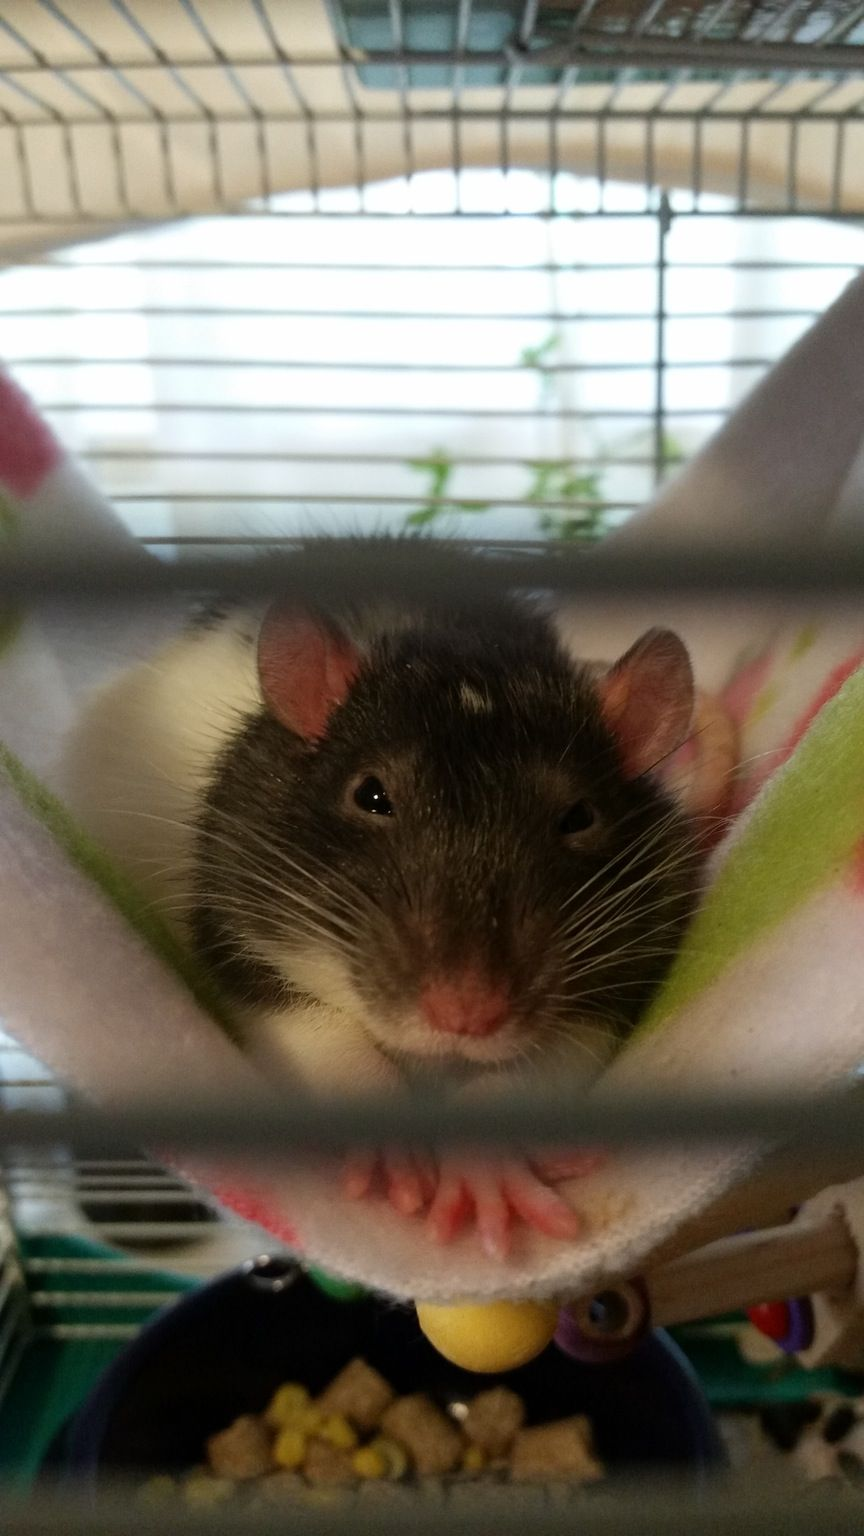 Pin by Alexzander on Rats Funny rats, Pet rats, Little pets